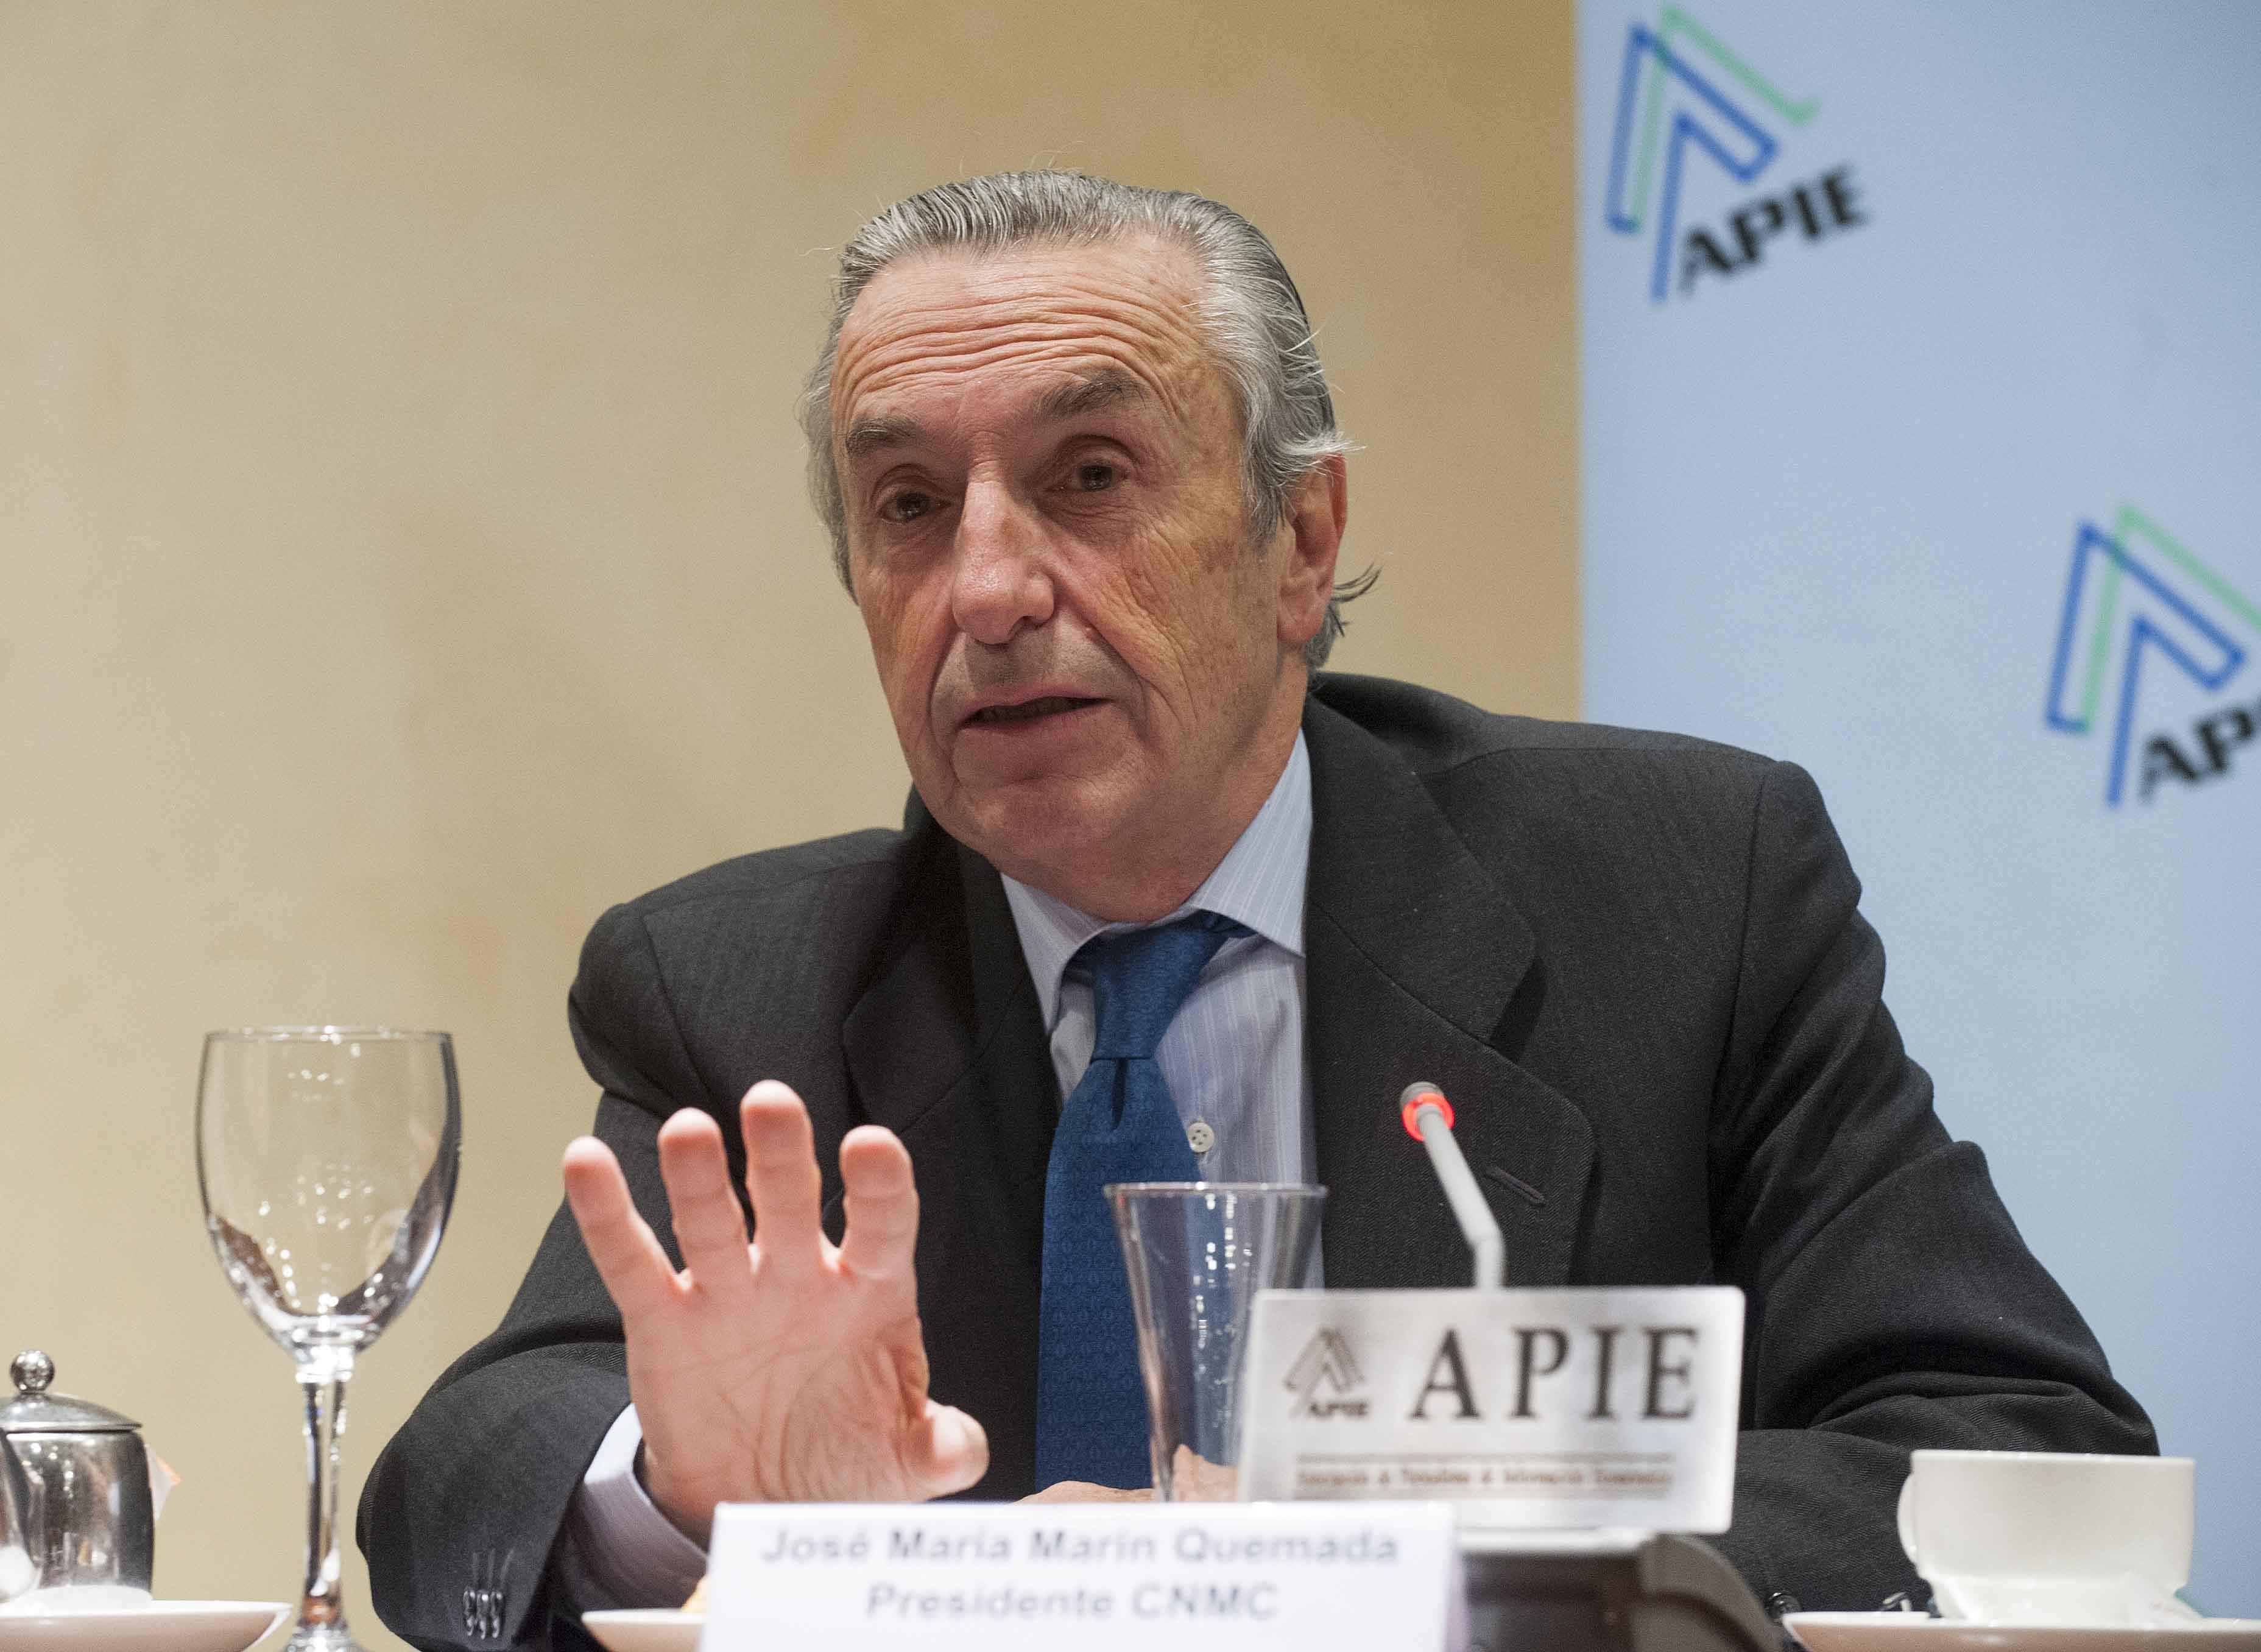 Jose María Marín Quemada, Presidente de la CNMC, durante el desayuno de prensa organizado por APIE.